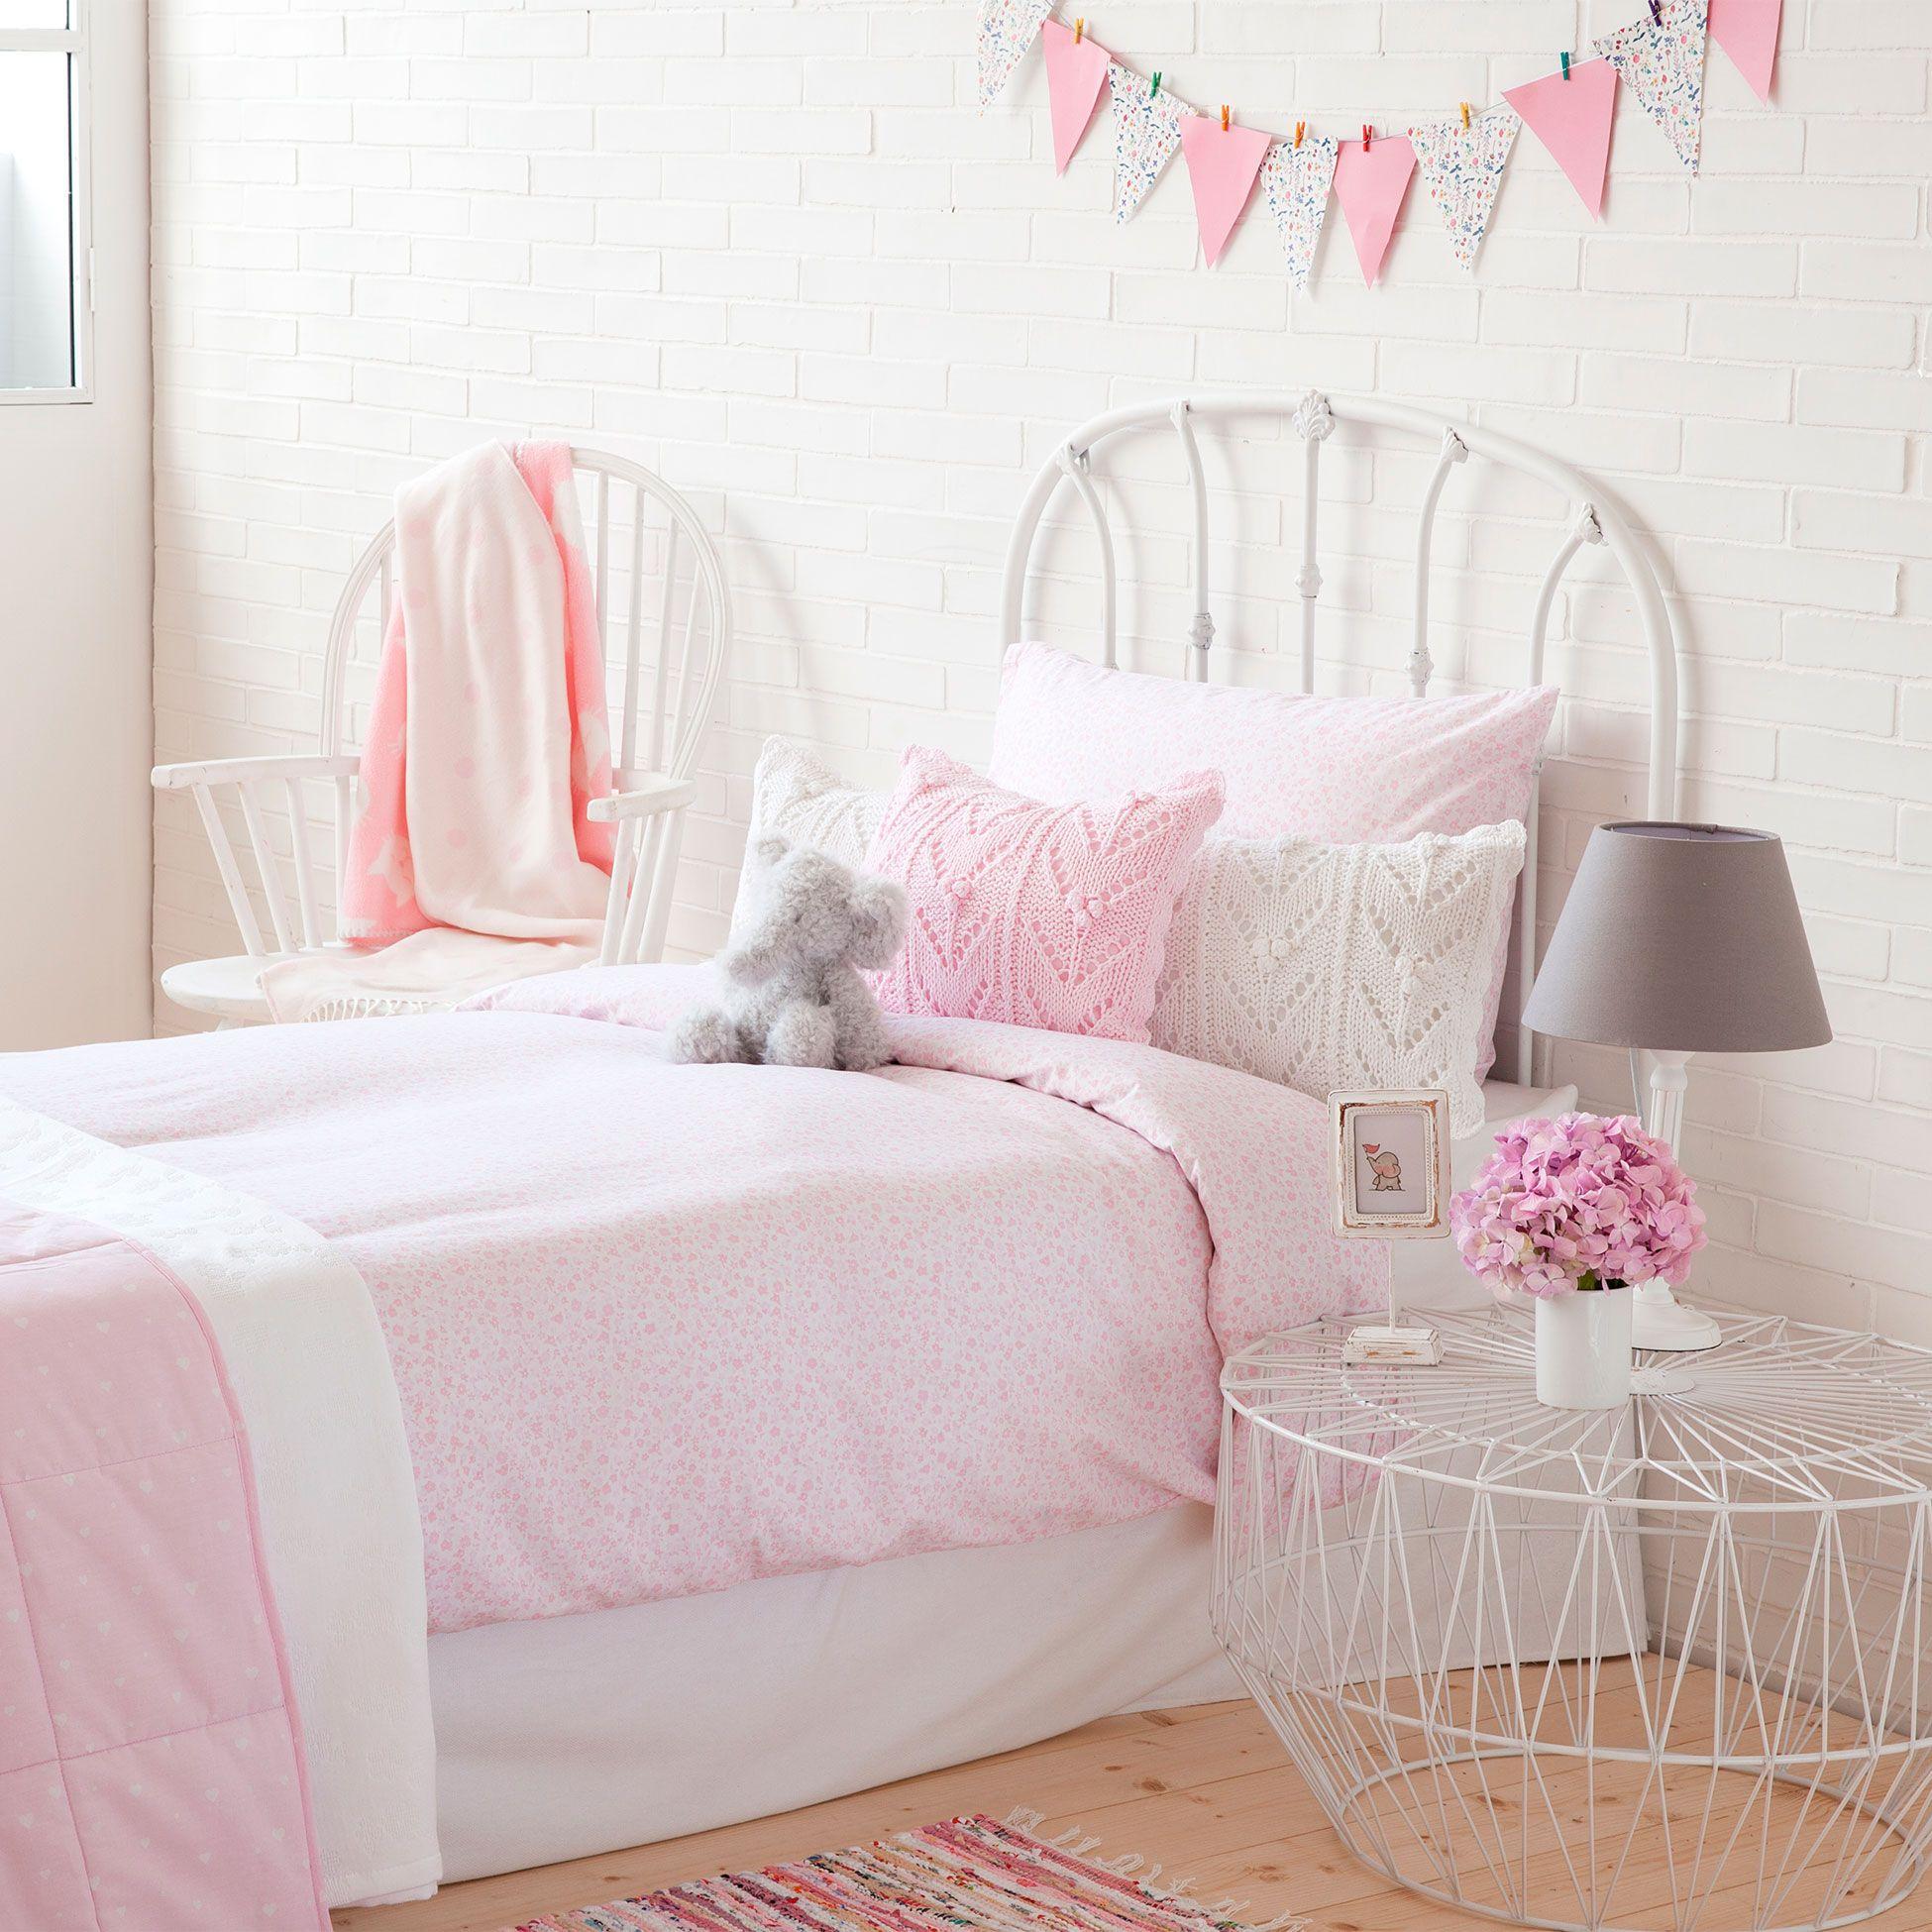 Linge de maison soldes elegant cheap soldes linge de lit grandes marques lit grans marques lit for Linge maison soldes